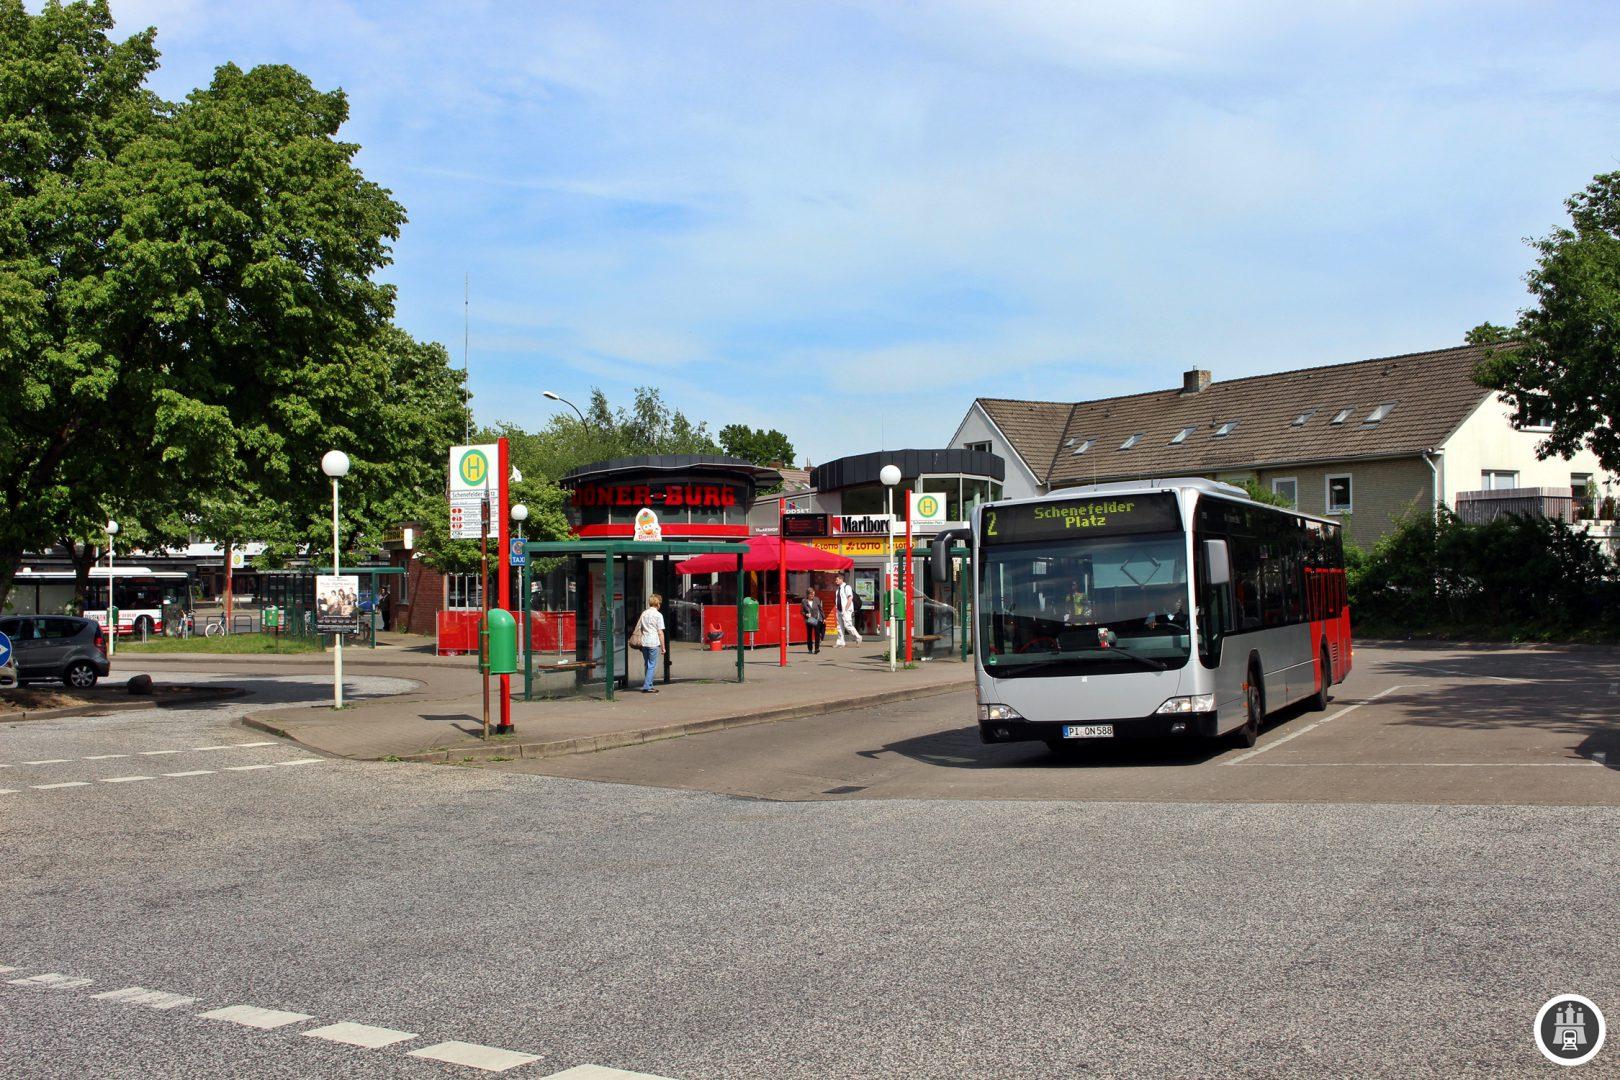 Der Schenefelder Platz ist nur einen Steinwurf von der Grenze zu Hamburg entfernt. Hier kreuzen sich 3 MetroBus-Linien und ist somit der einzige richtige Knotenpunkt für die MetroBusse außerhalb Hamburgs.